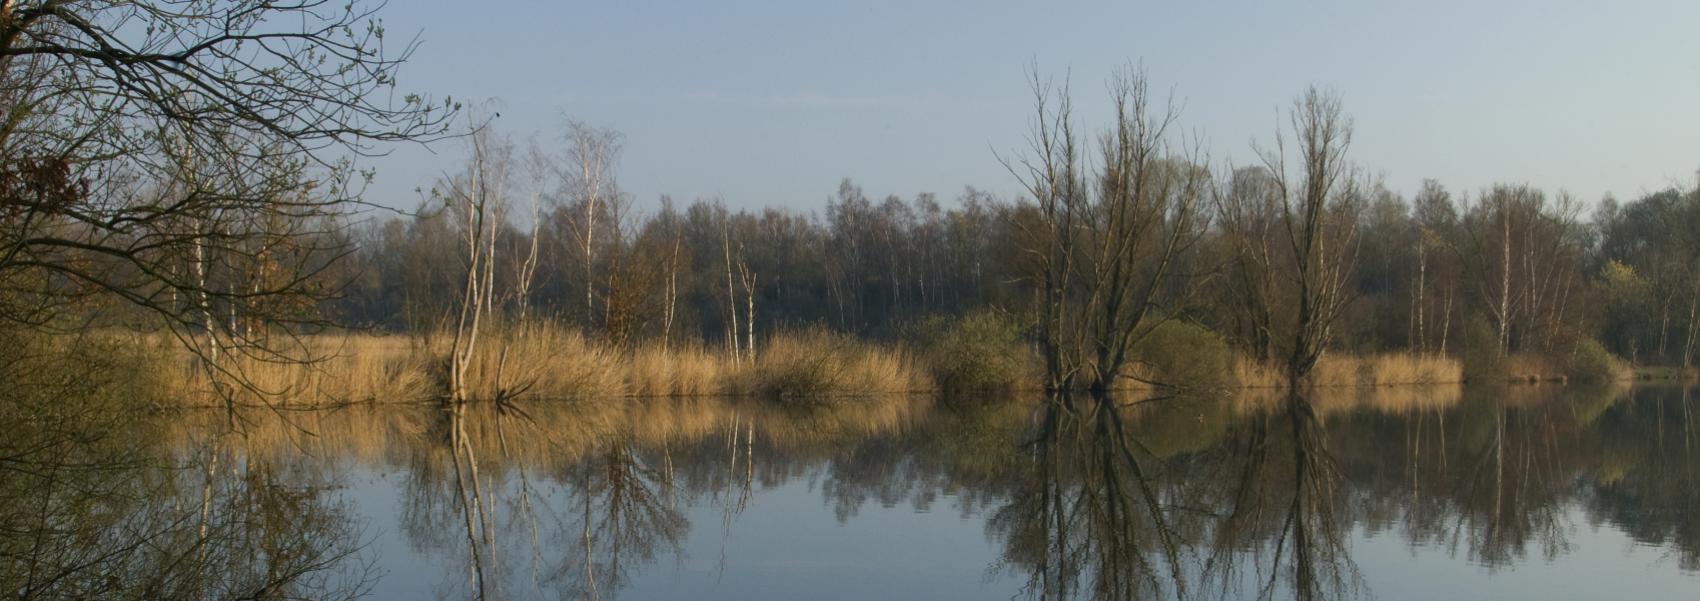 zicht over het water met op de achtergrond bomen